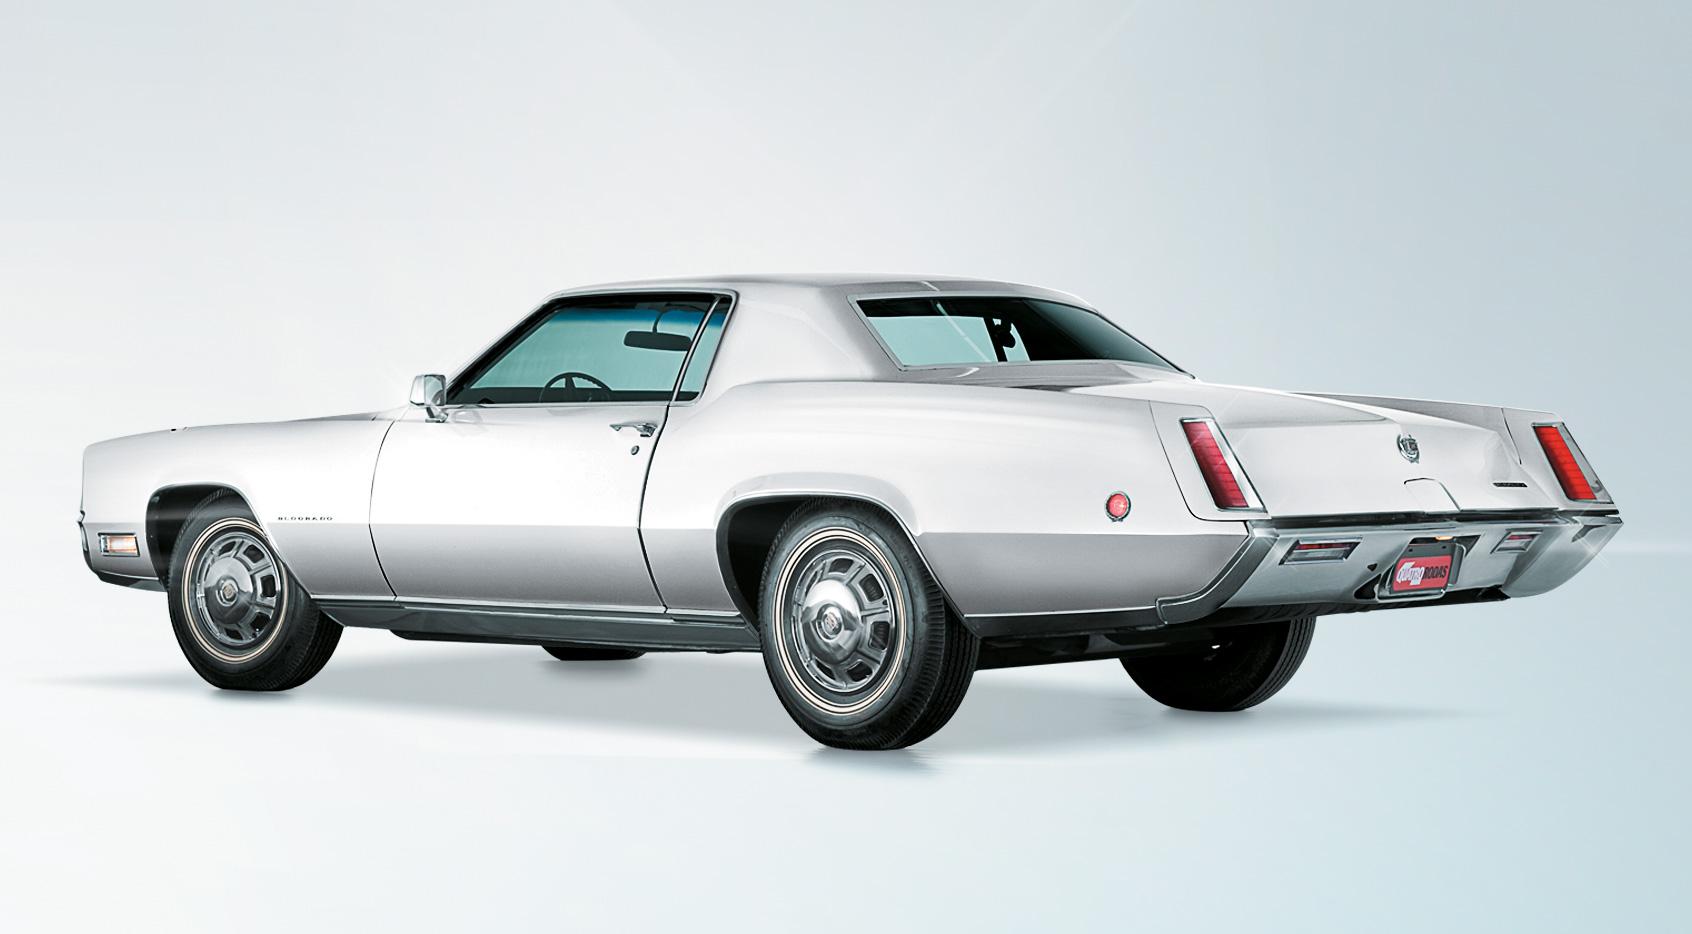 Apesar de seus 5,61 m, o Eldorado 1968 era um cupê de 2 portas